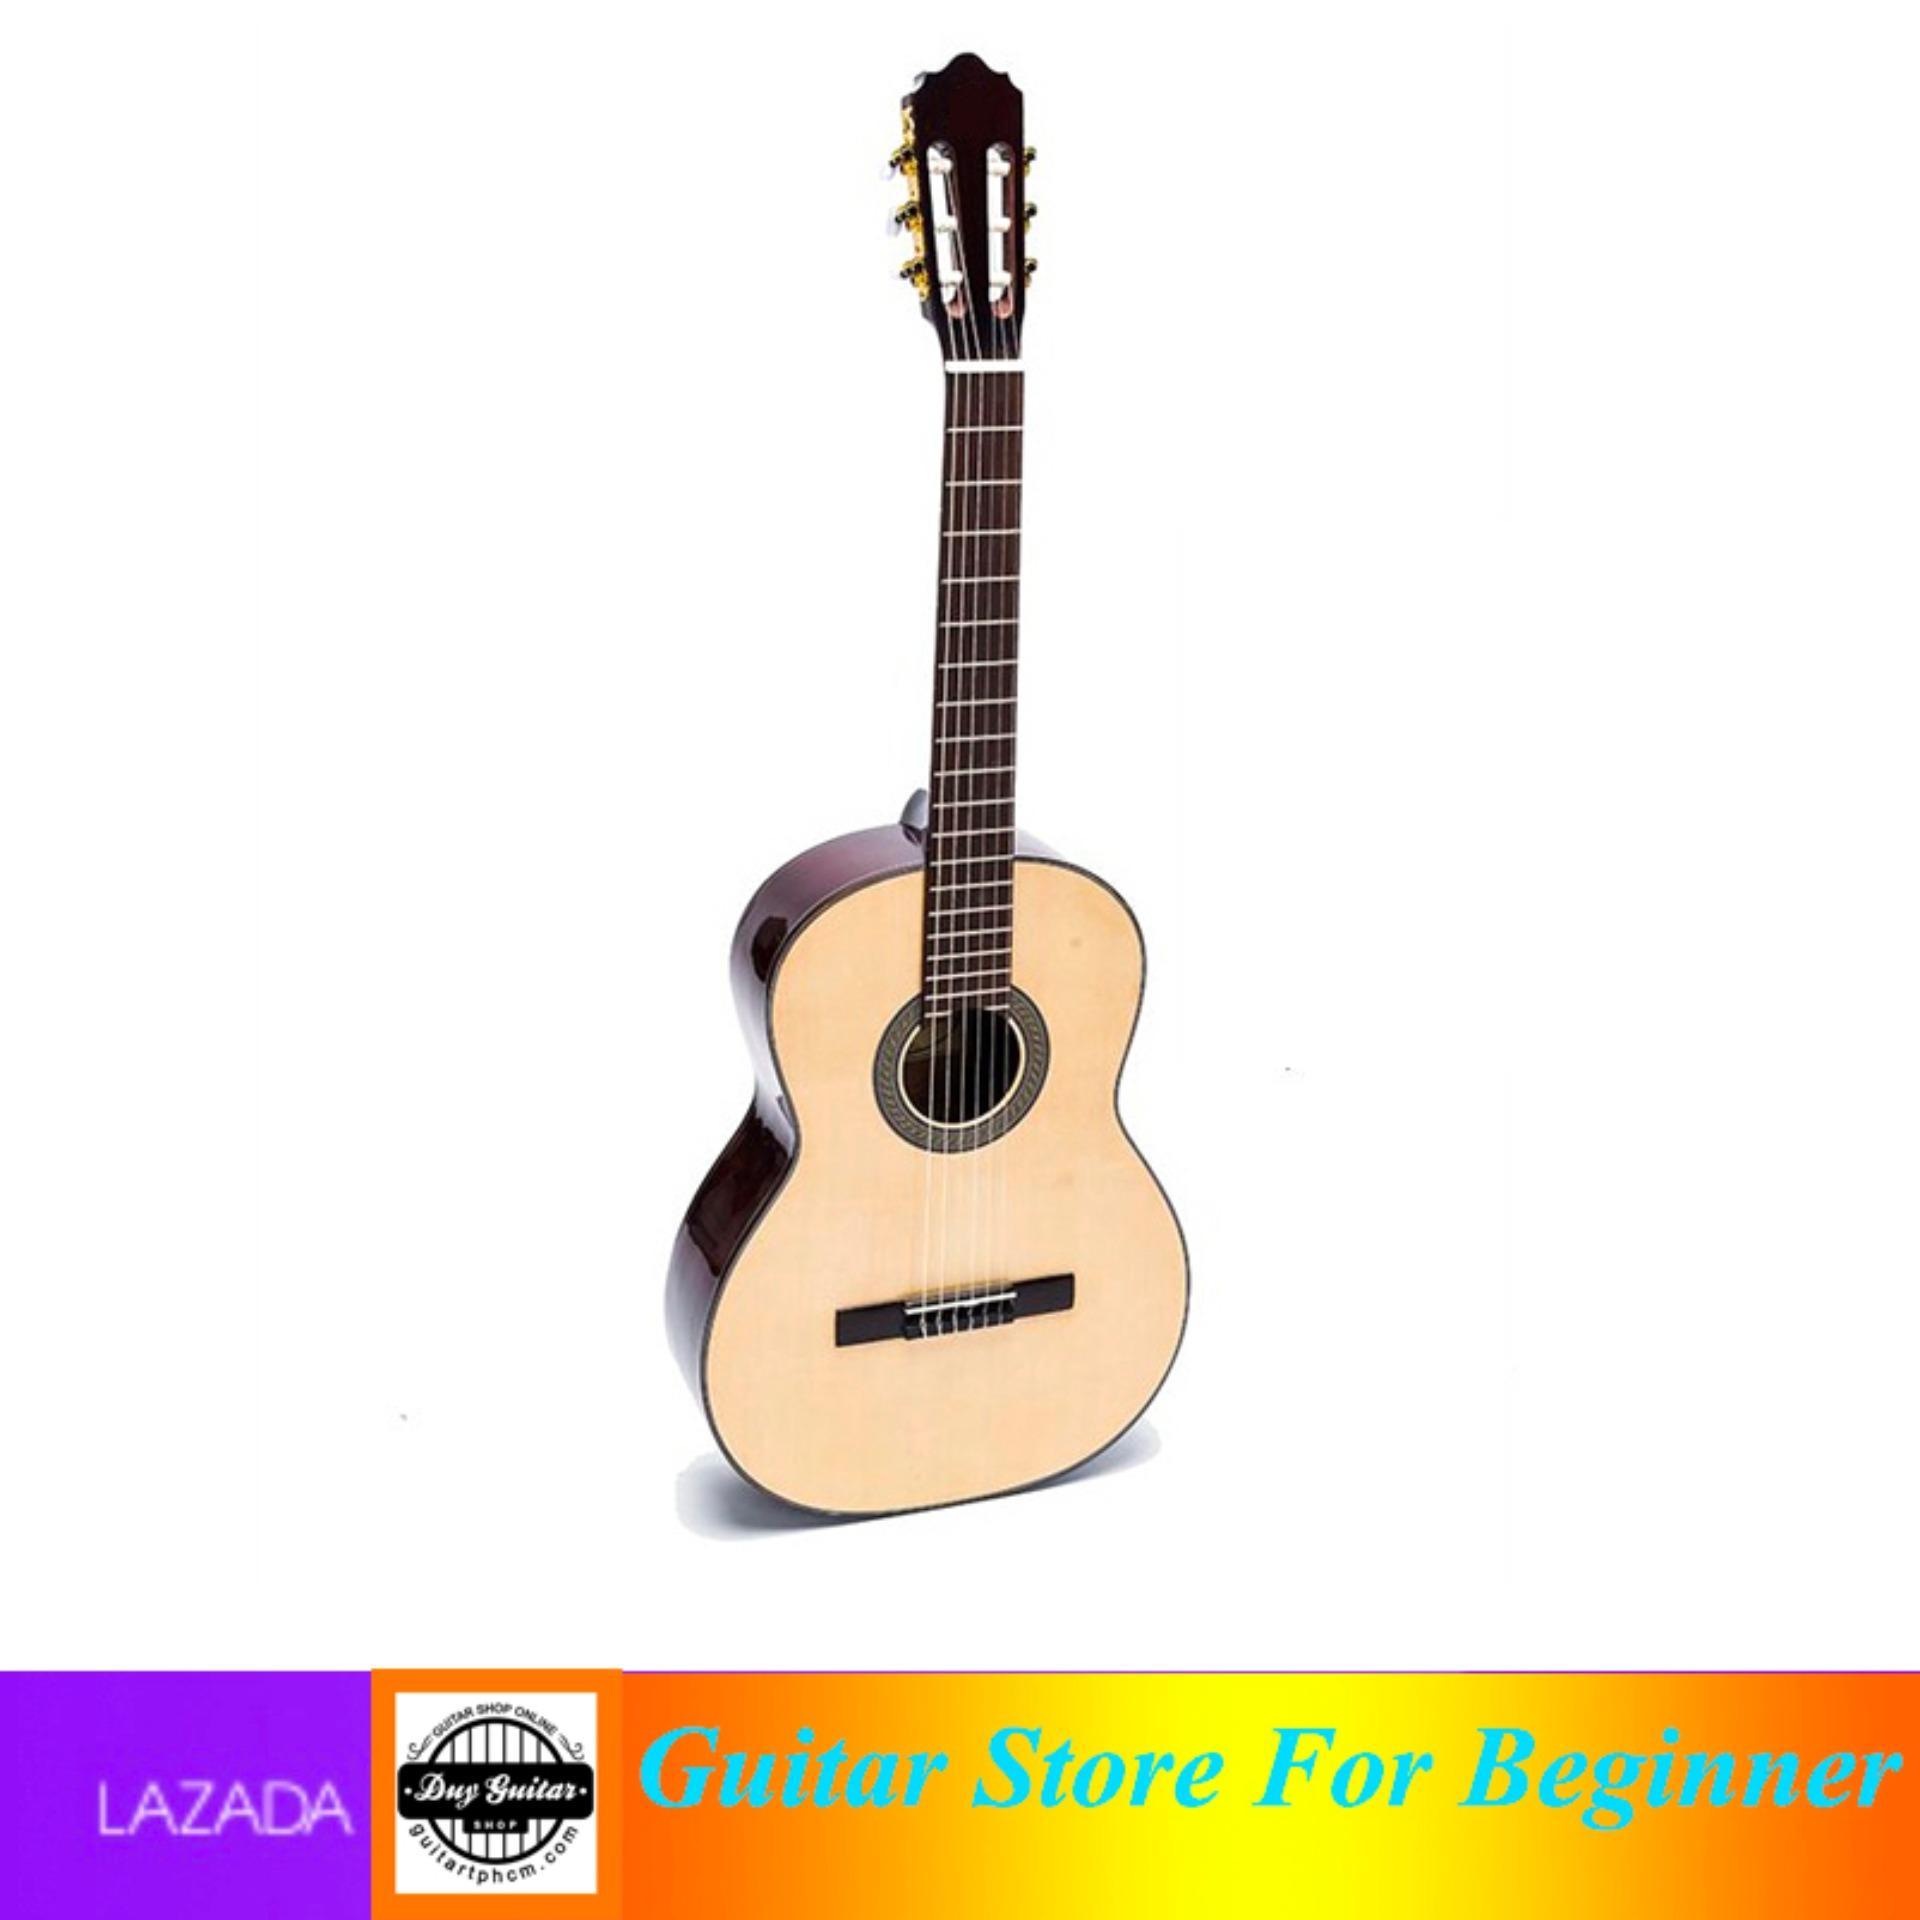 Đàn Guitar Classic guitar Việt Nam DC150 (gỗ) + Tặng bao đàn bộ dây phím gải và sách - Shop Duy Guitar Chuyên đàn guitar giá tốt dành cho người mới tập